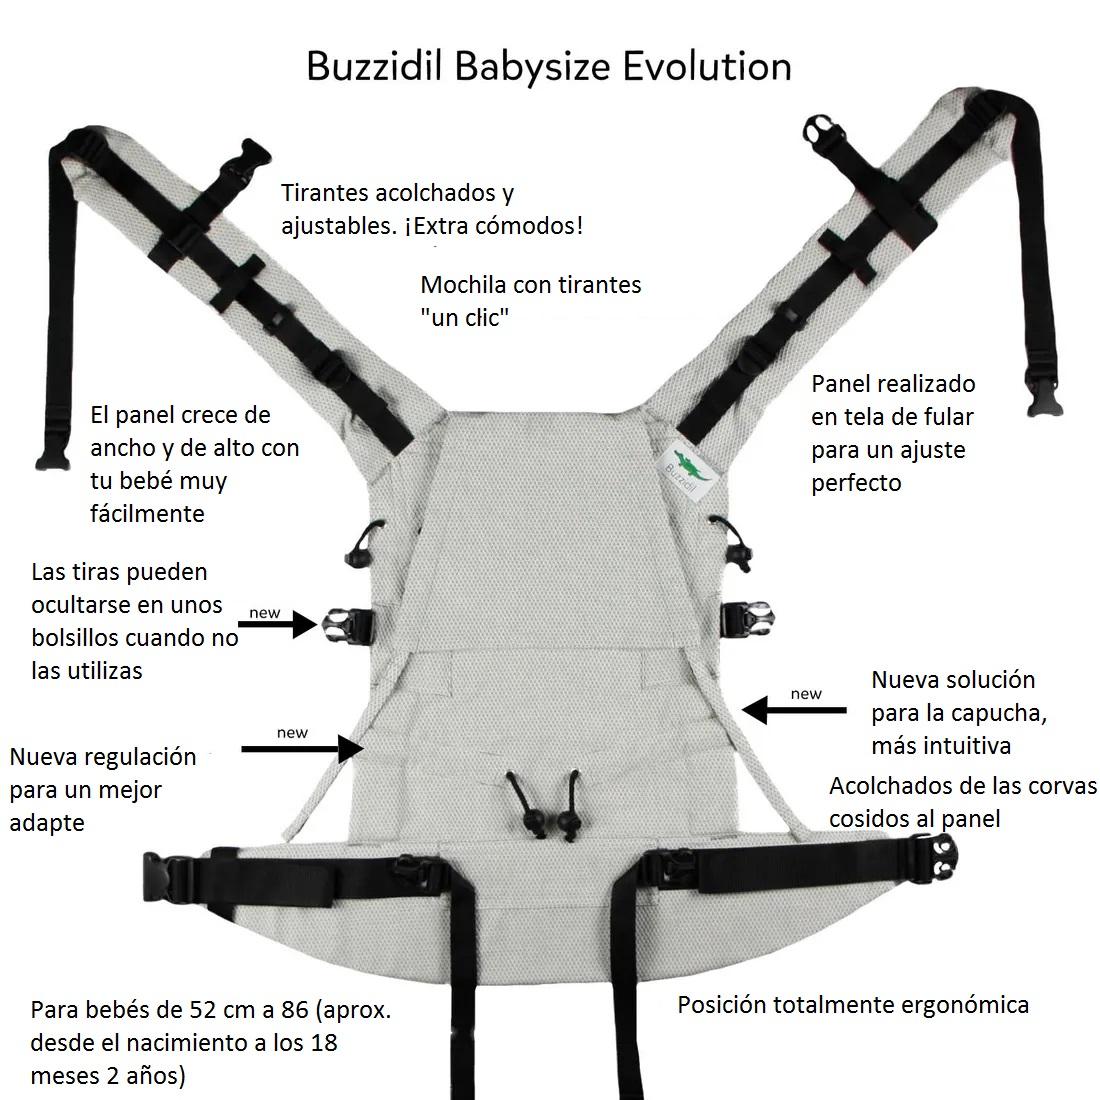 Mochila Buzzidil Evolution XL ZEBRAS